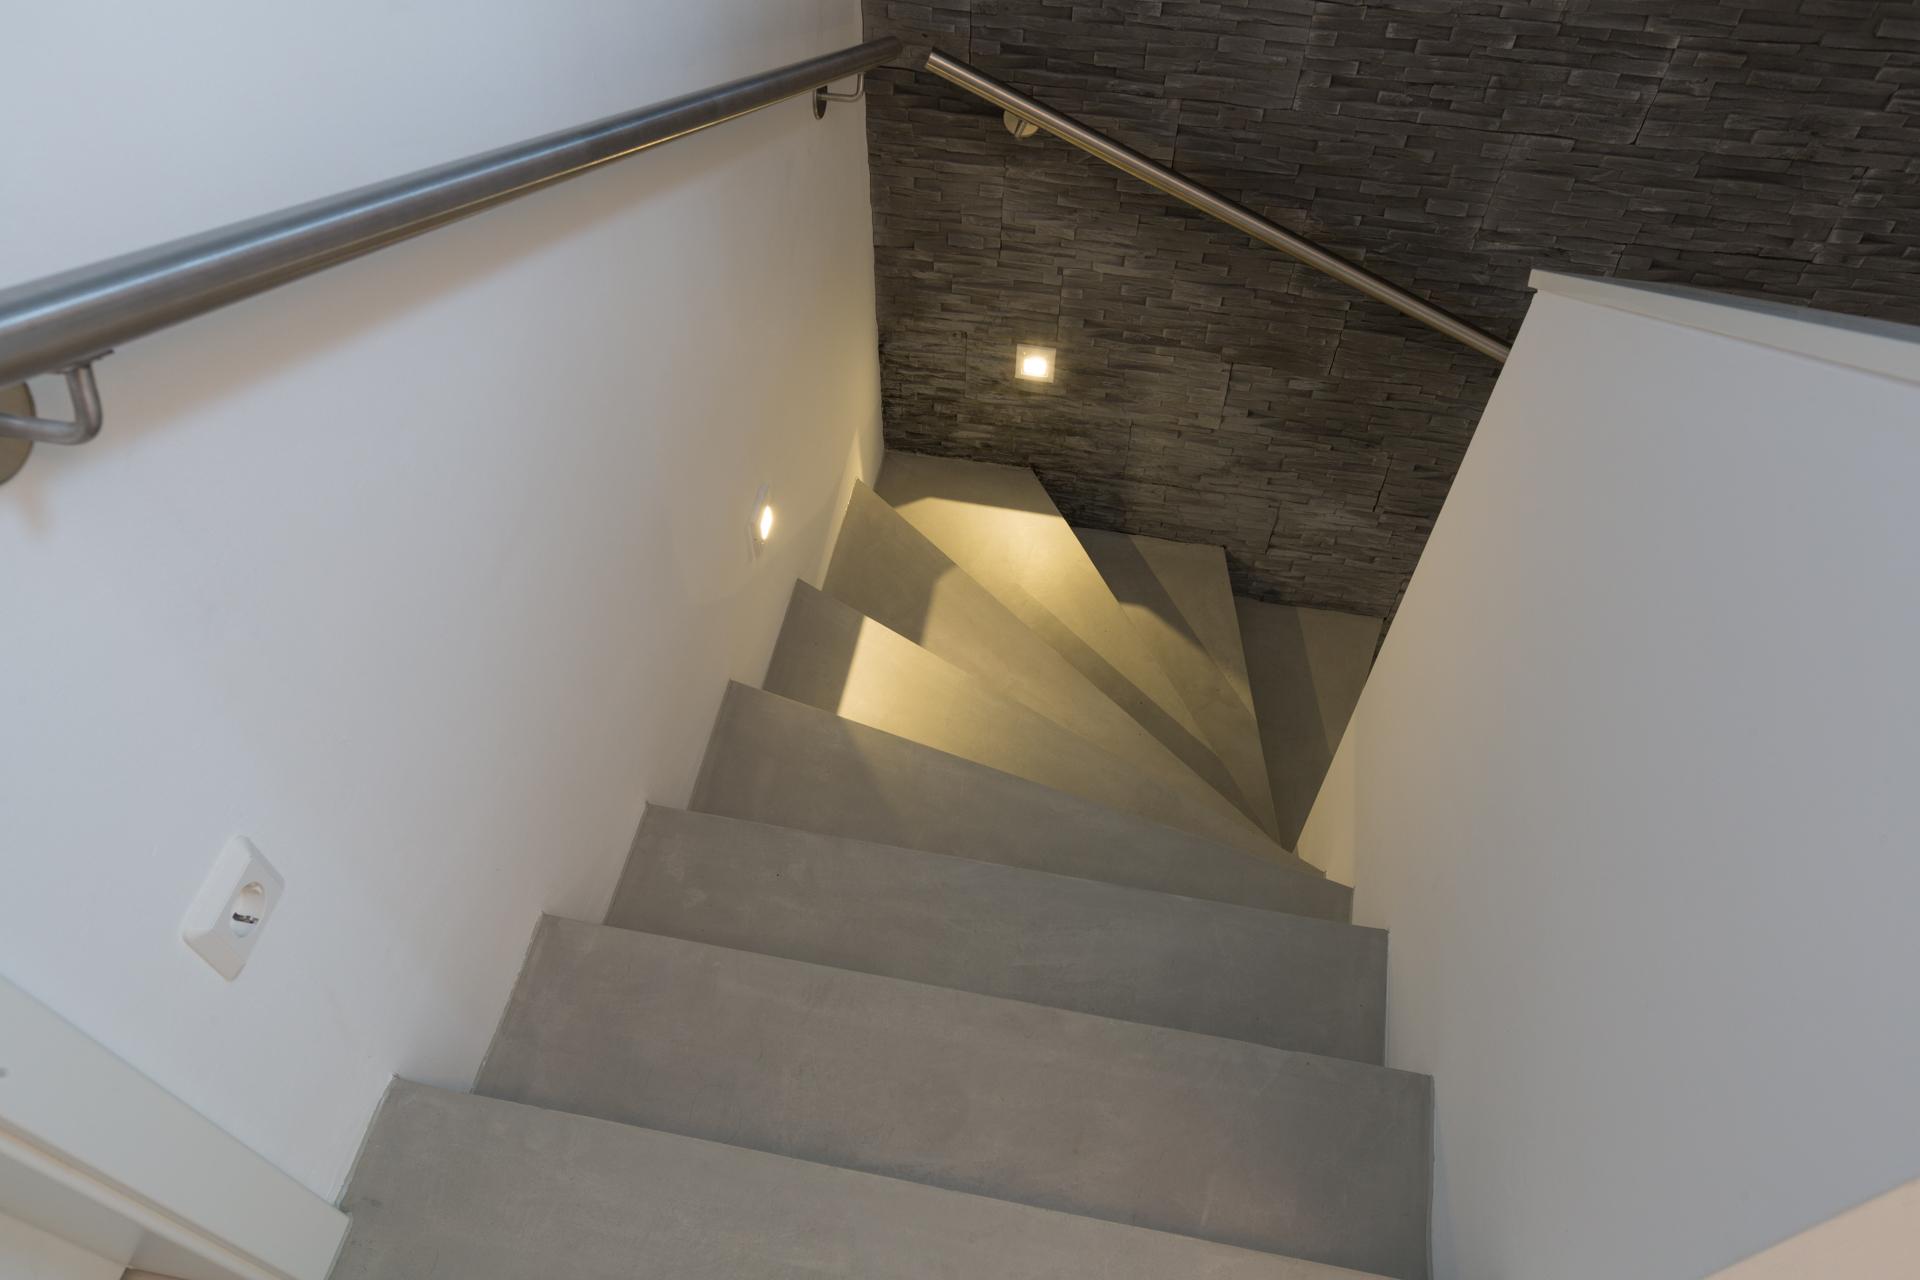 Bevorzugt Fugenlose Wände, Böden, Bäder und Treppen | Malerfachbetrieb Heyse CH48